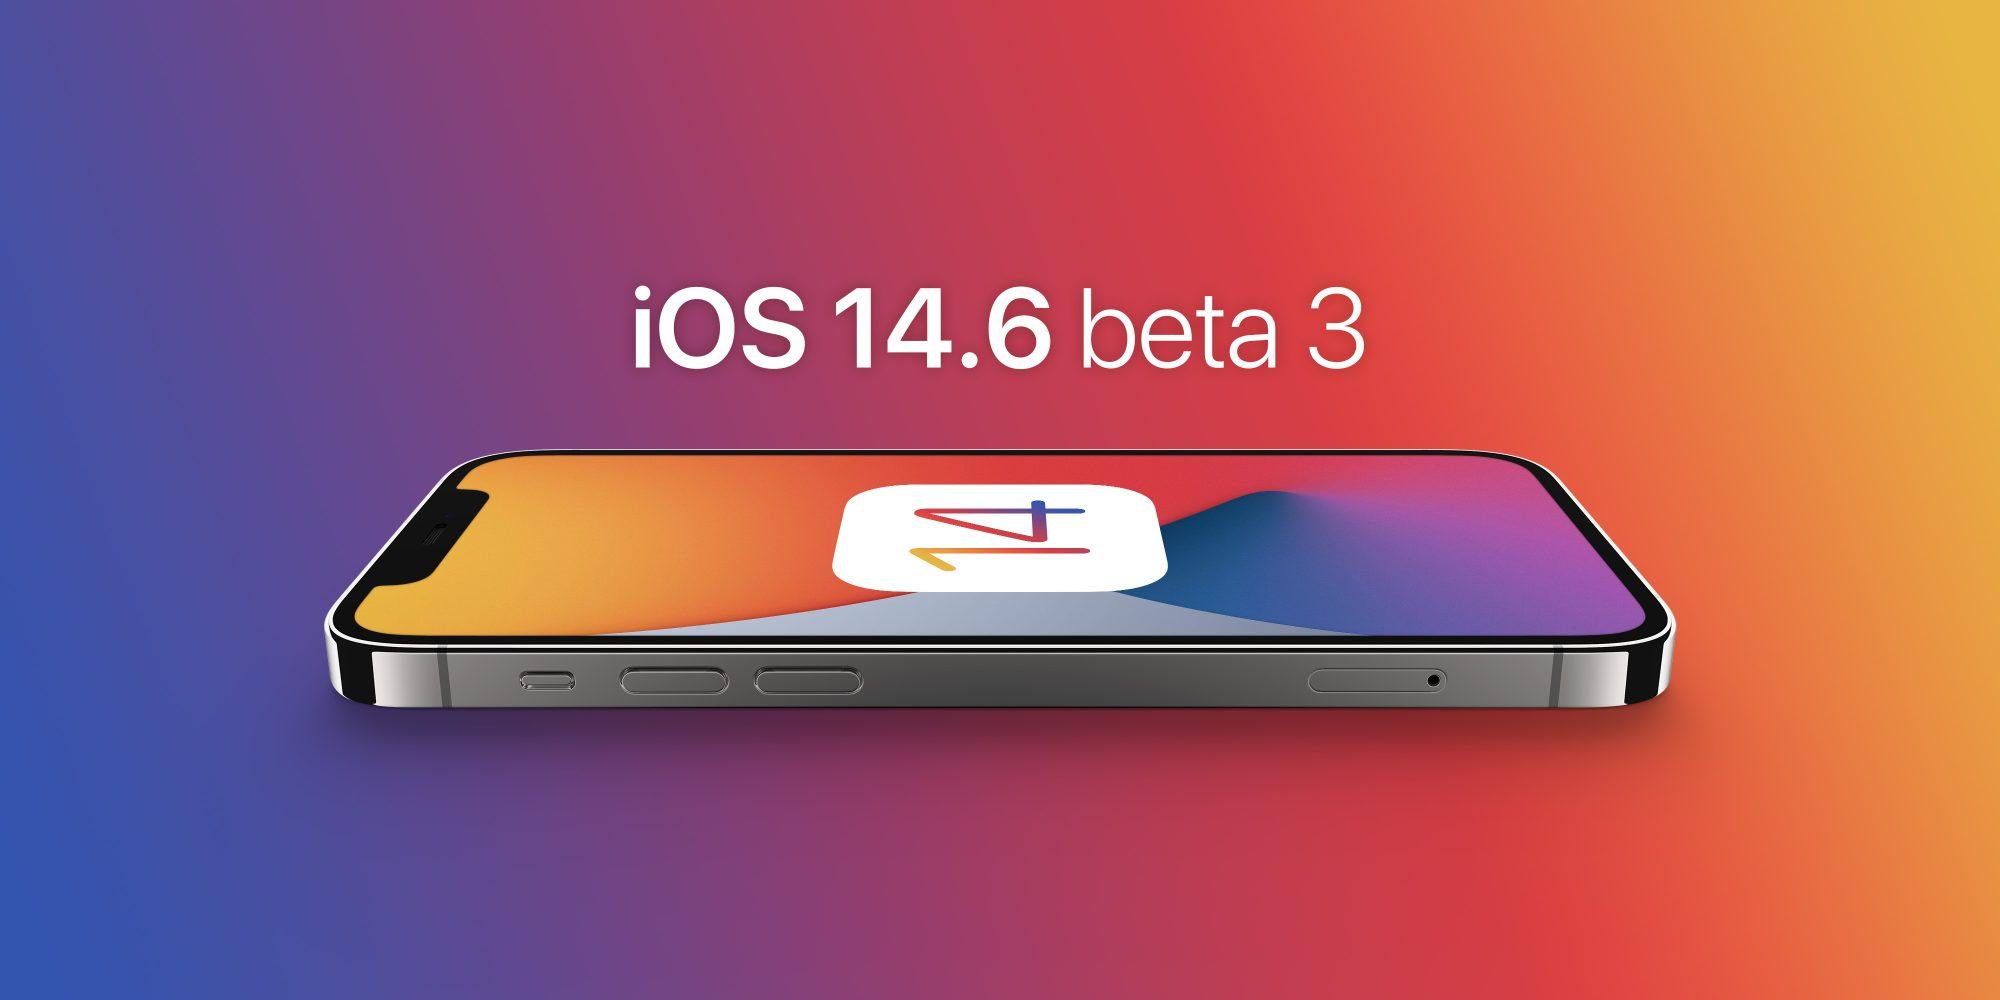 Apple vydal iOS 14.6 a iPad iOS 14.6 beta 3